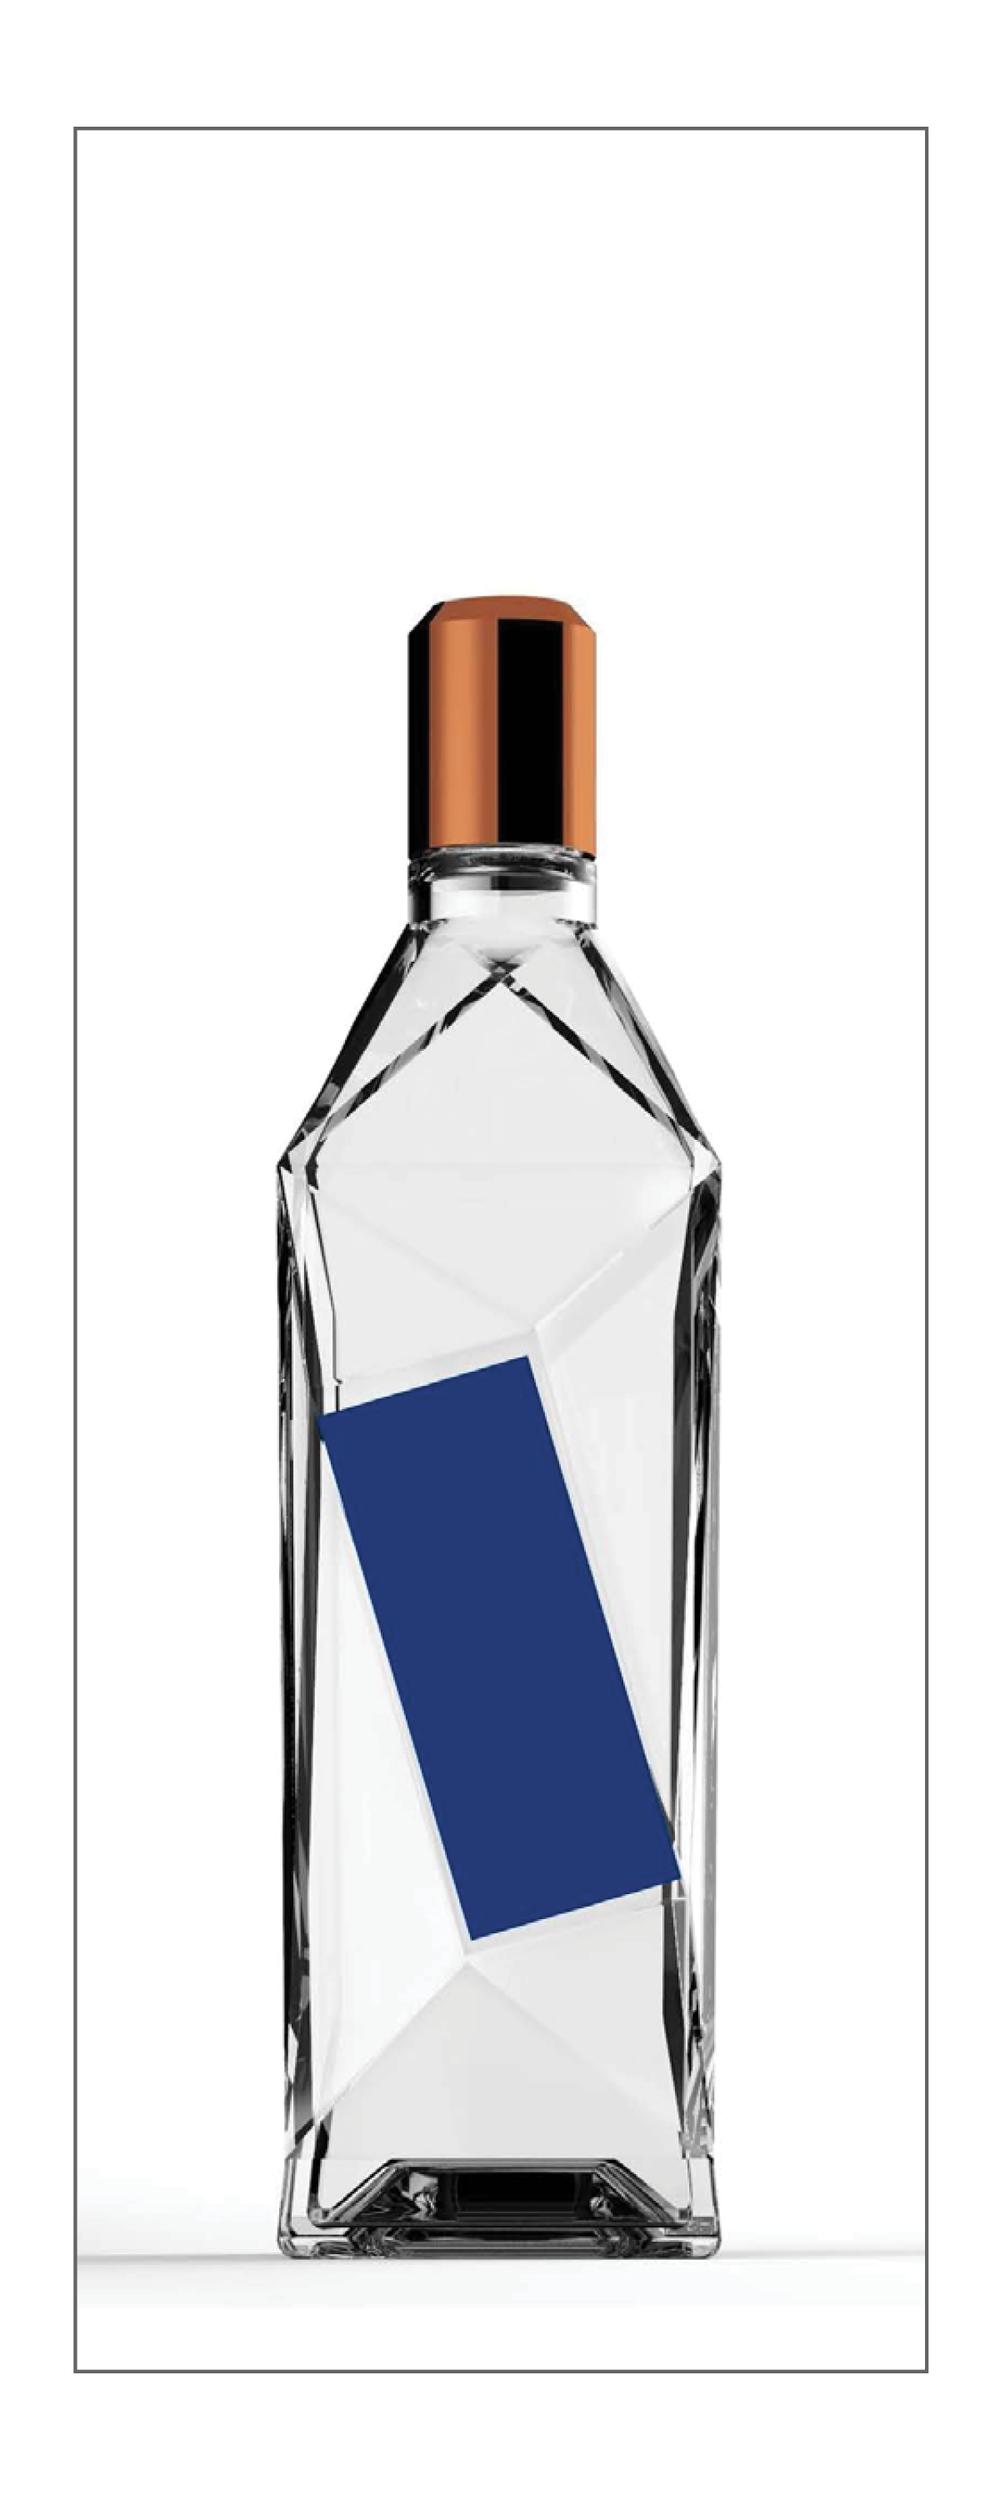 FV_Bottle_concepts6.png